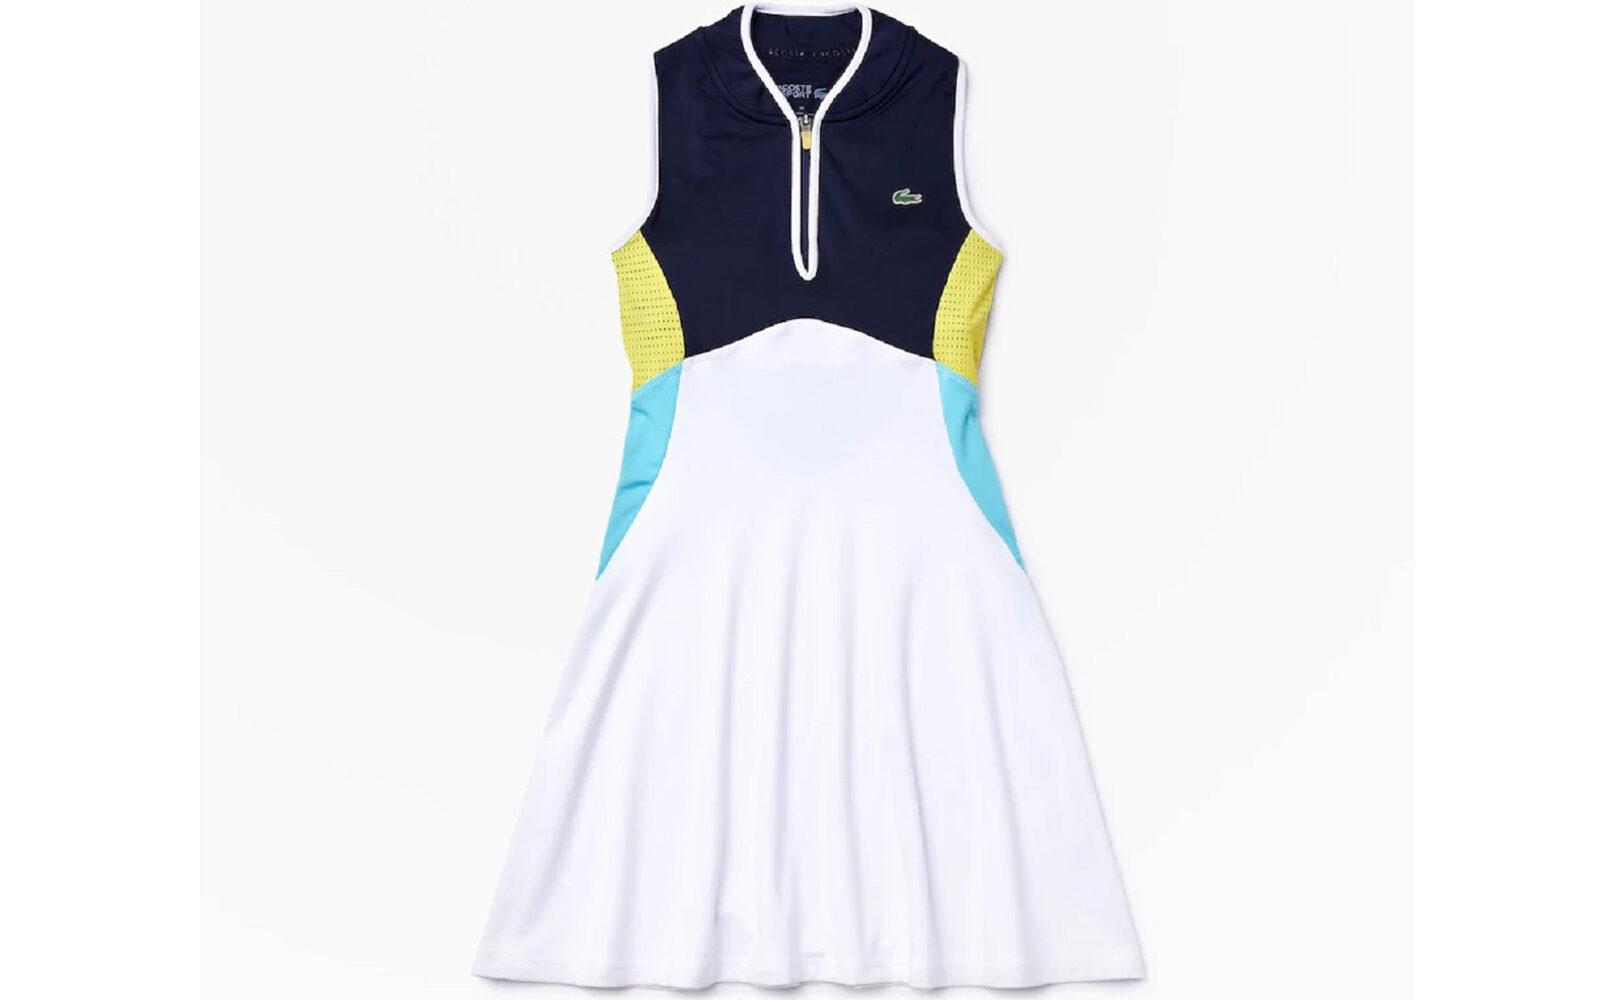 Lacoste Sport, abito in jersey elasticizzato con reggiseno sportivo integrato, traspirante, inserti in rete, collo bomber con zip. Euro 125